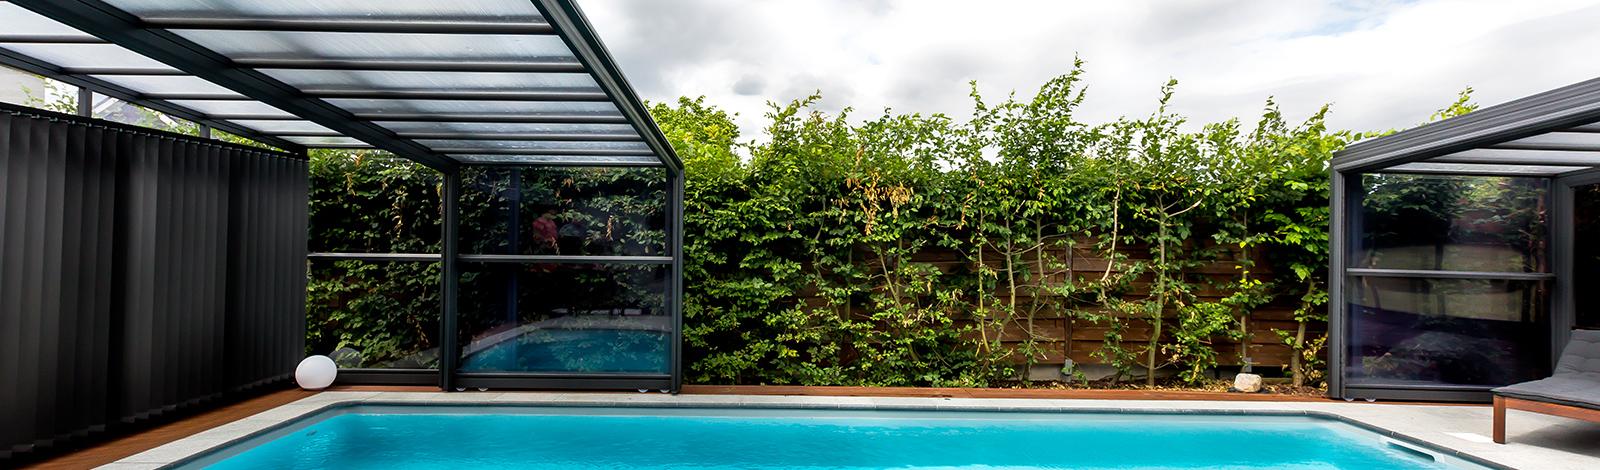 abri piscine geneve